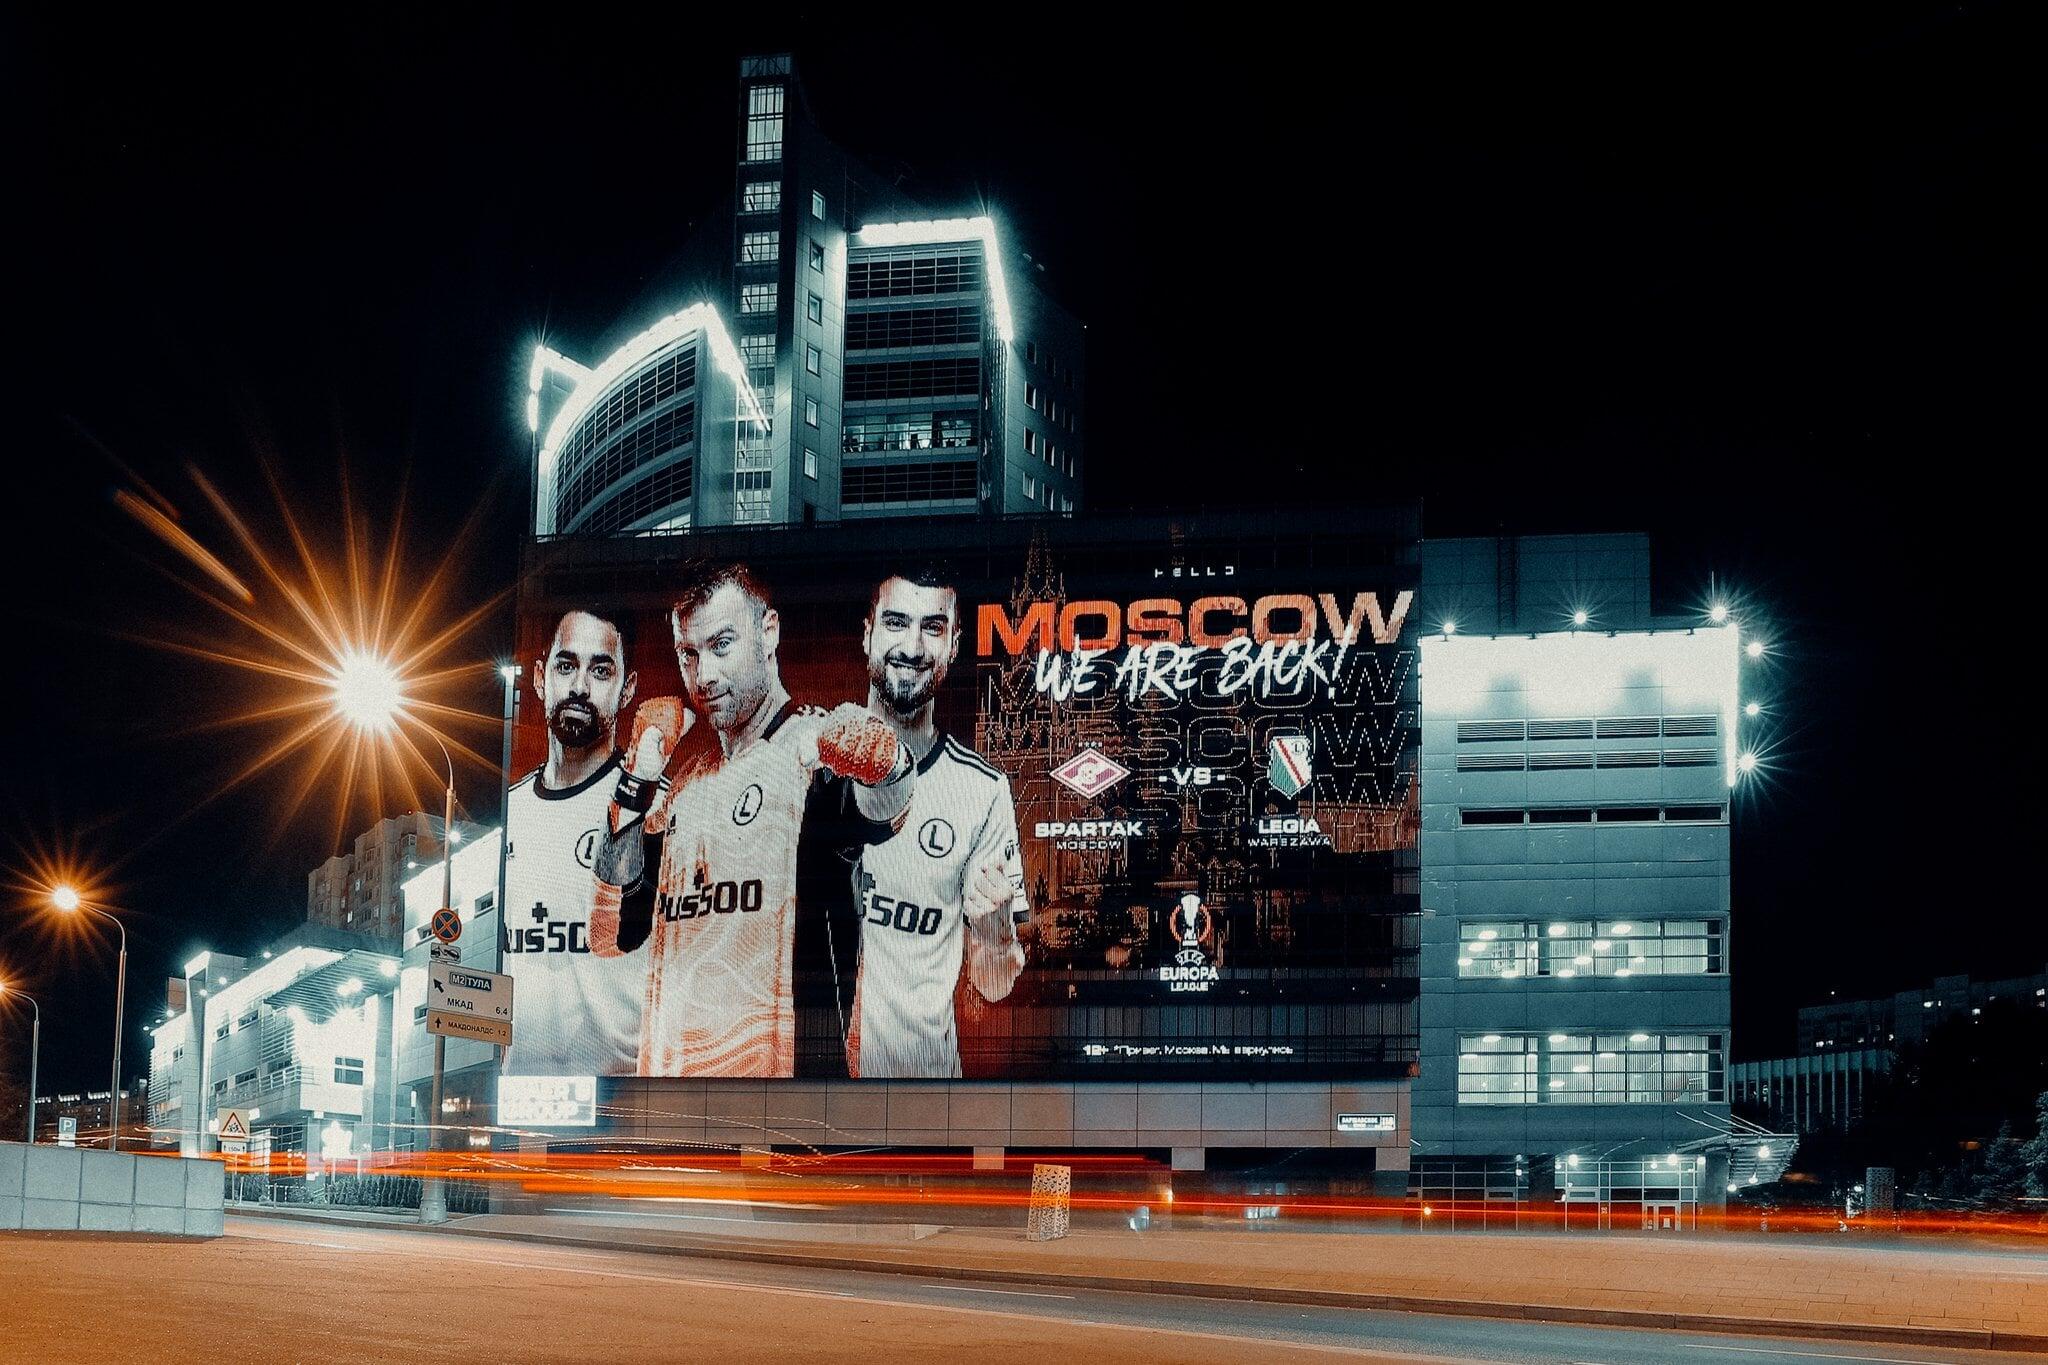 Легия закупила рекламные баннеры на зданиях Москвы перед матчем со Спартаком: Мы вернулись